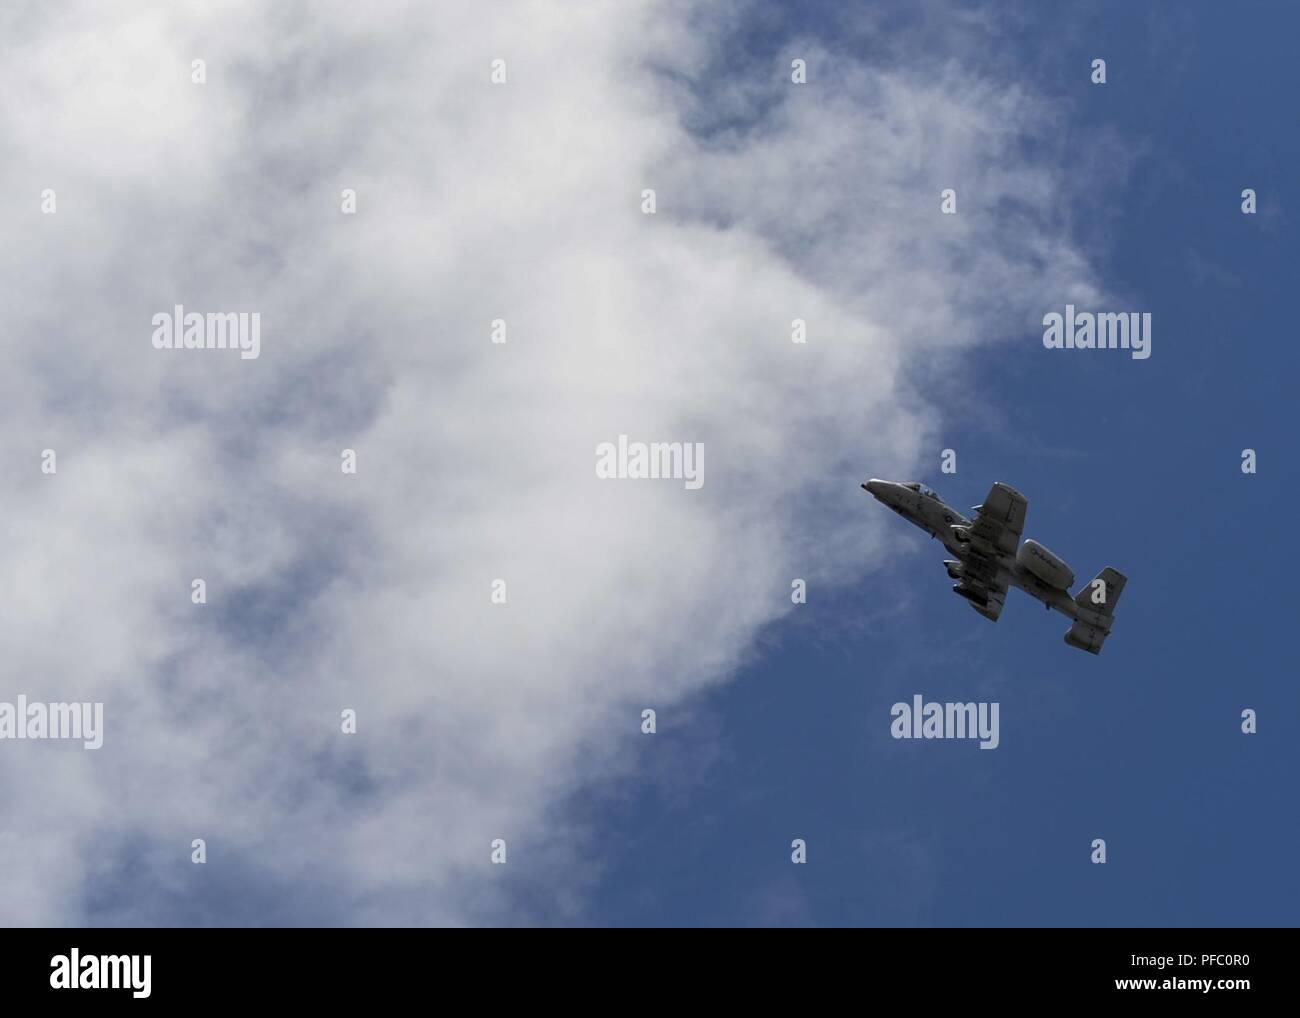 An A-10 Thunderbolt II flies over a field near Adazi, Latvia, June 5